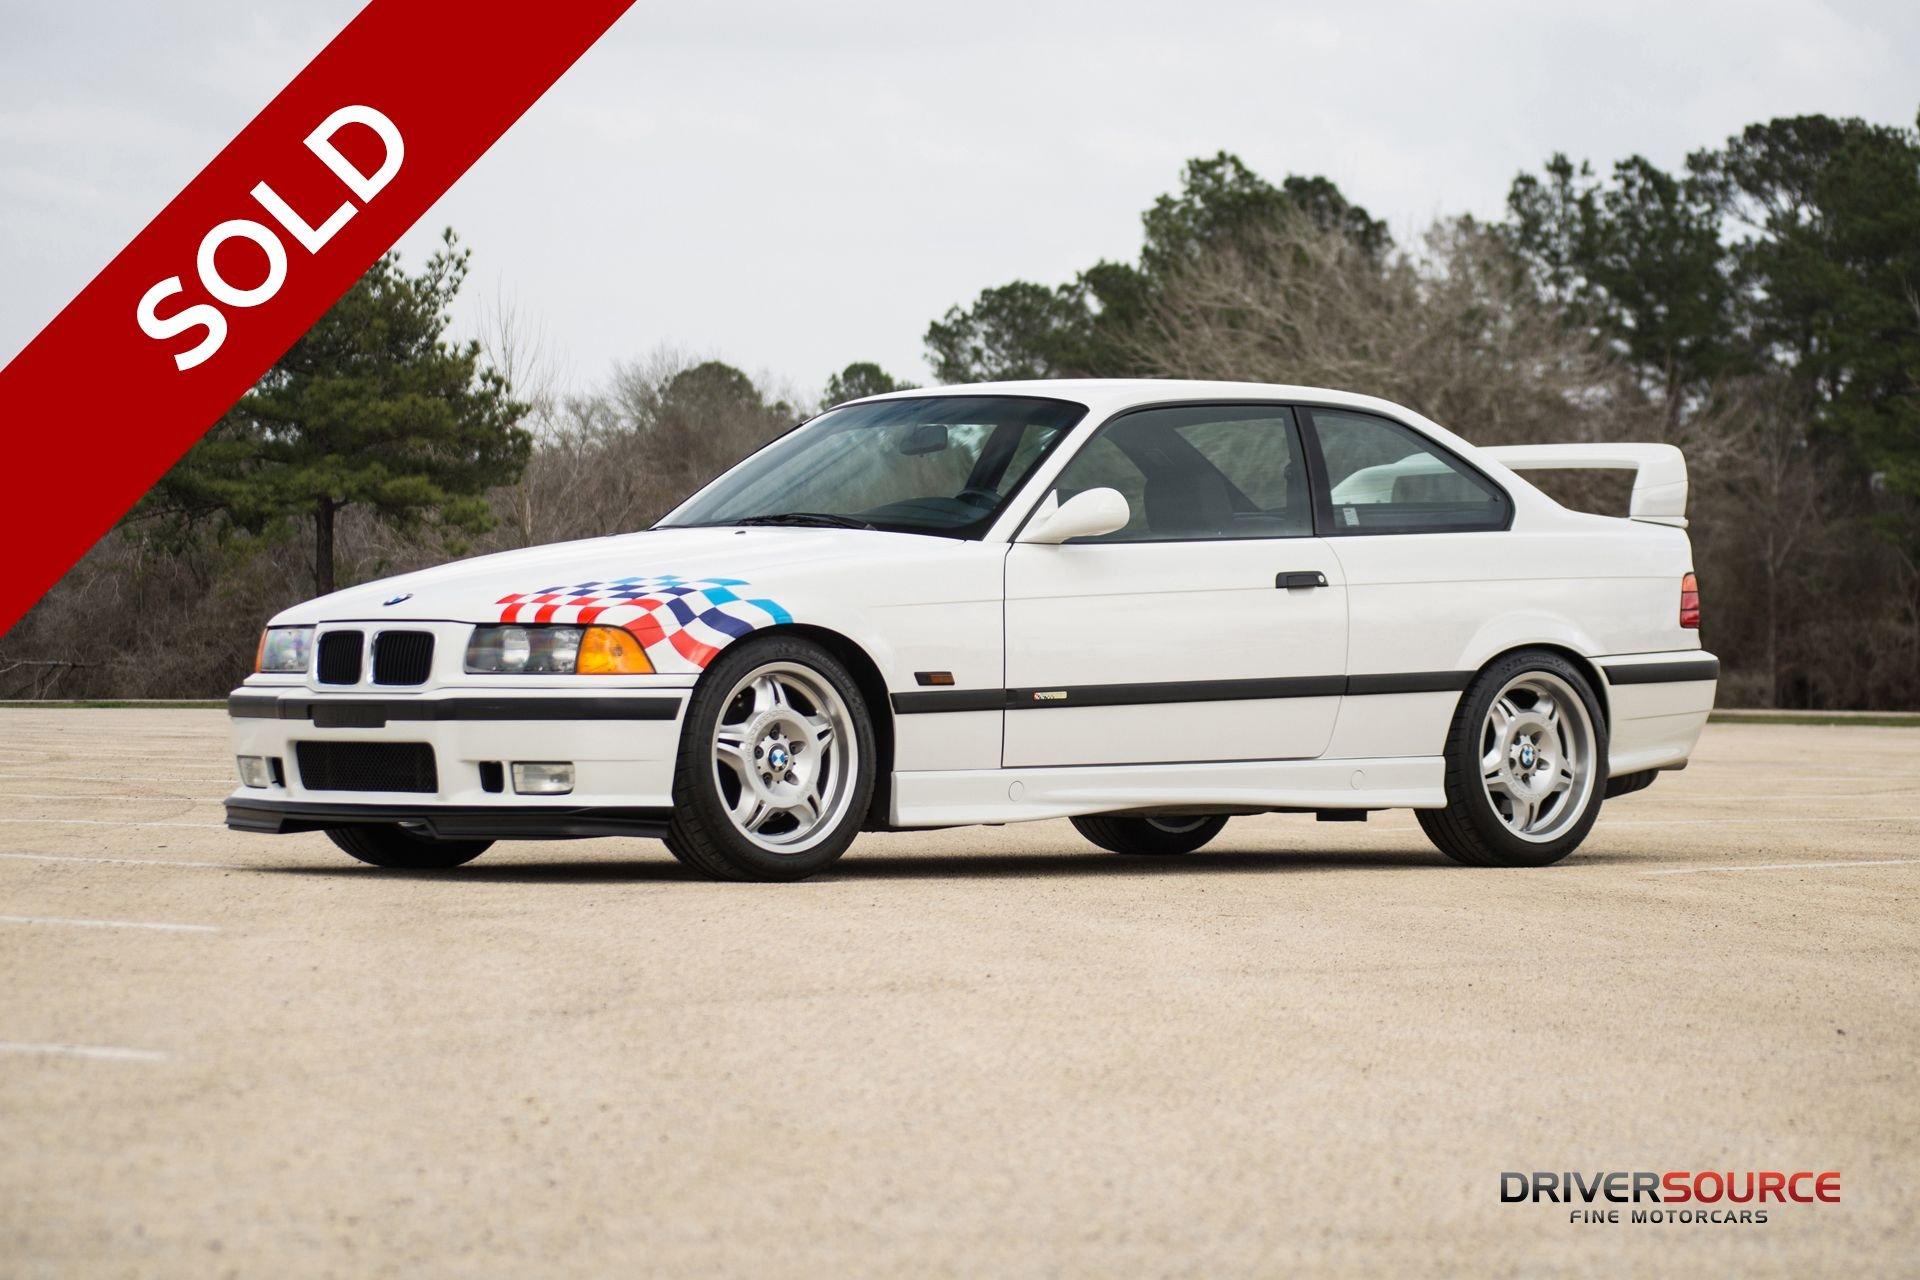 Sold 1995 bmw m3 lightweight